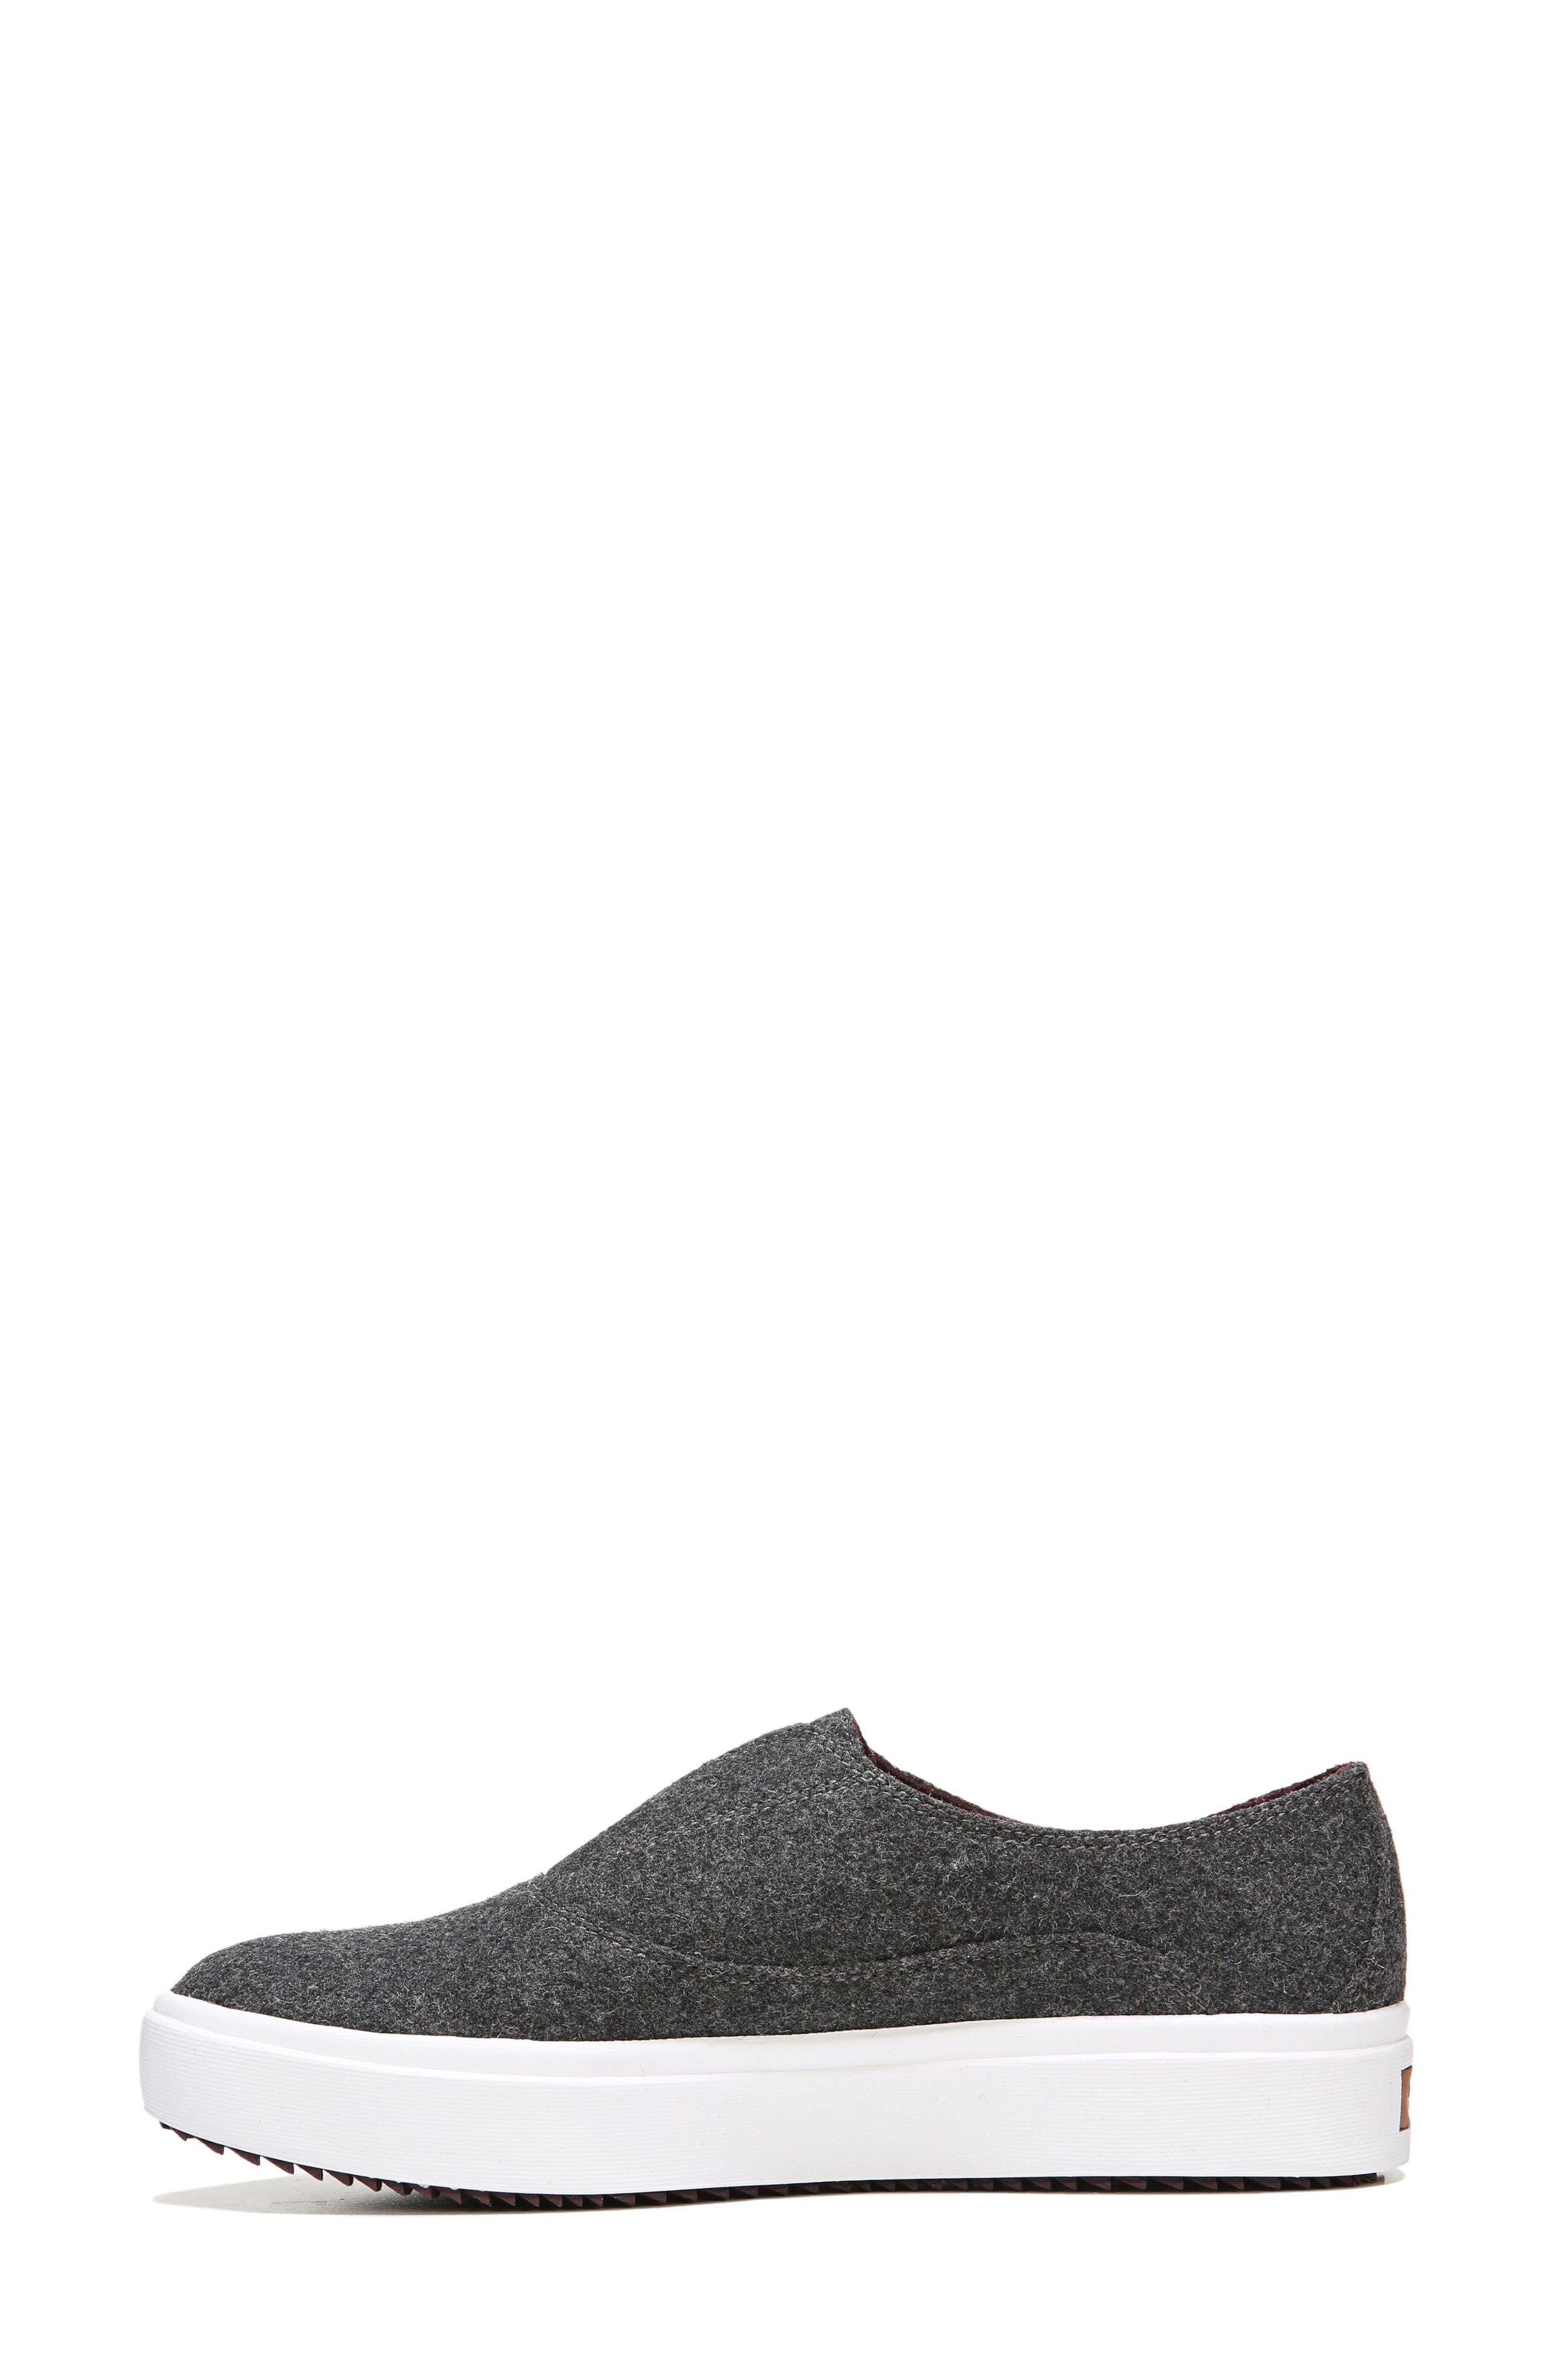 Brey Slip-On Sneaker,                             Alternate thumbnail 2, color,                             020